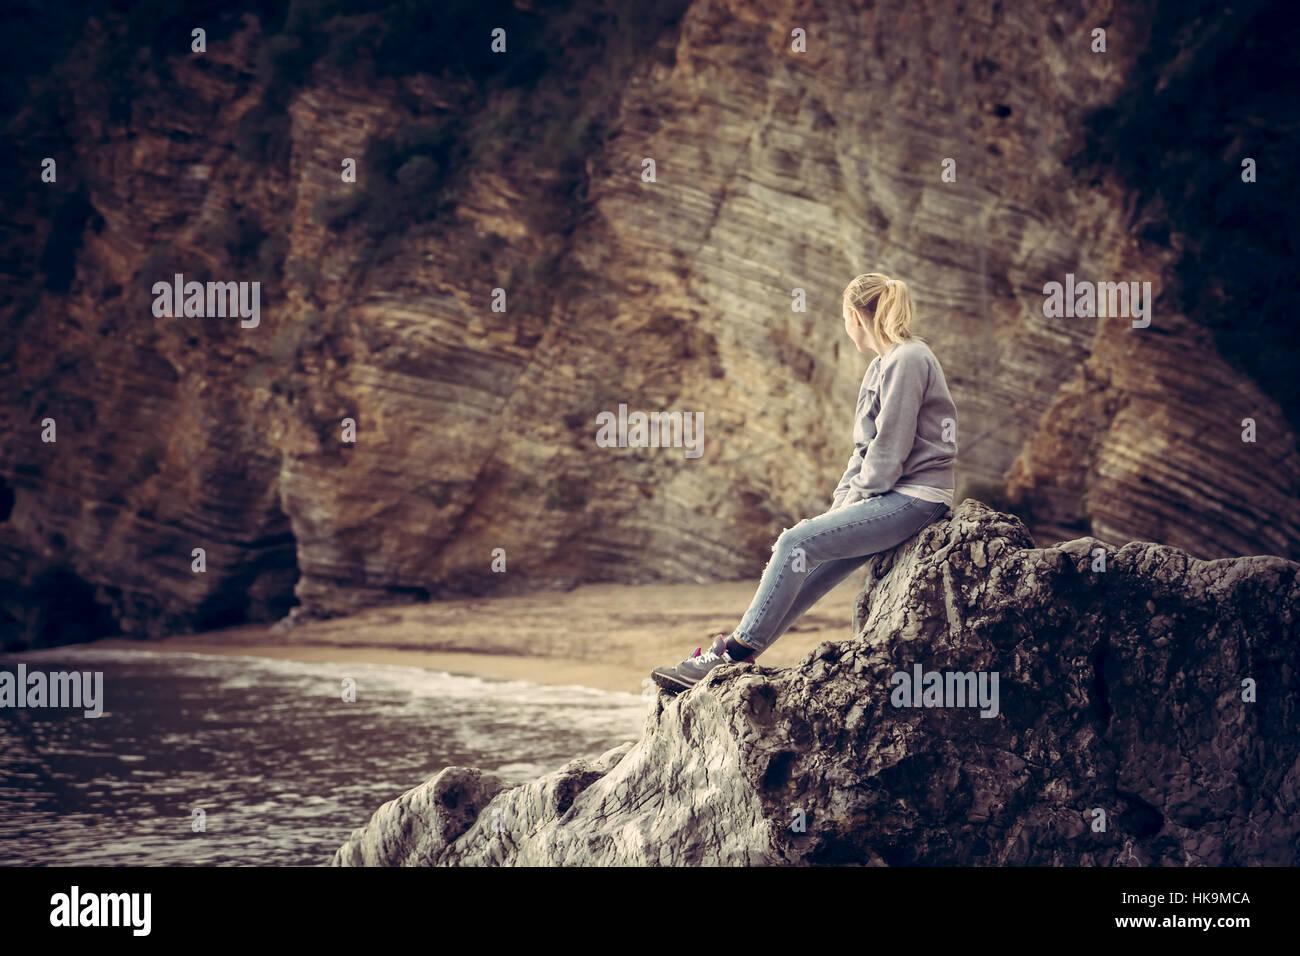 Pensativo joven viajero solitario relajándose en un gran acantilado piedra sobre la playa mirando el paisaje Imagen De Stock